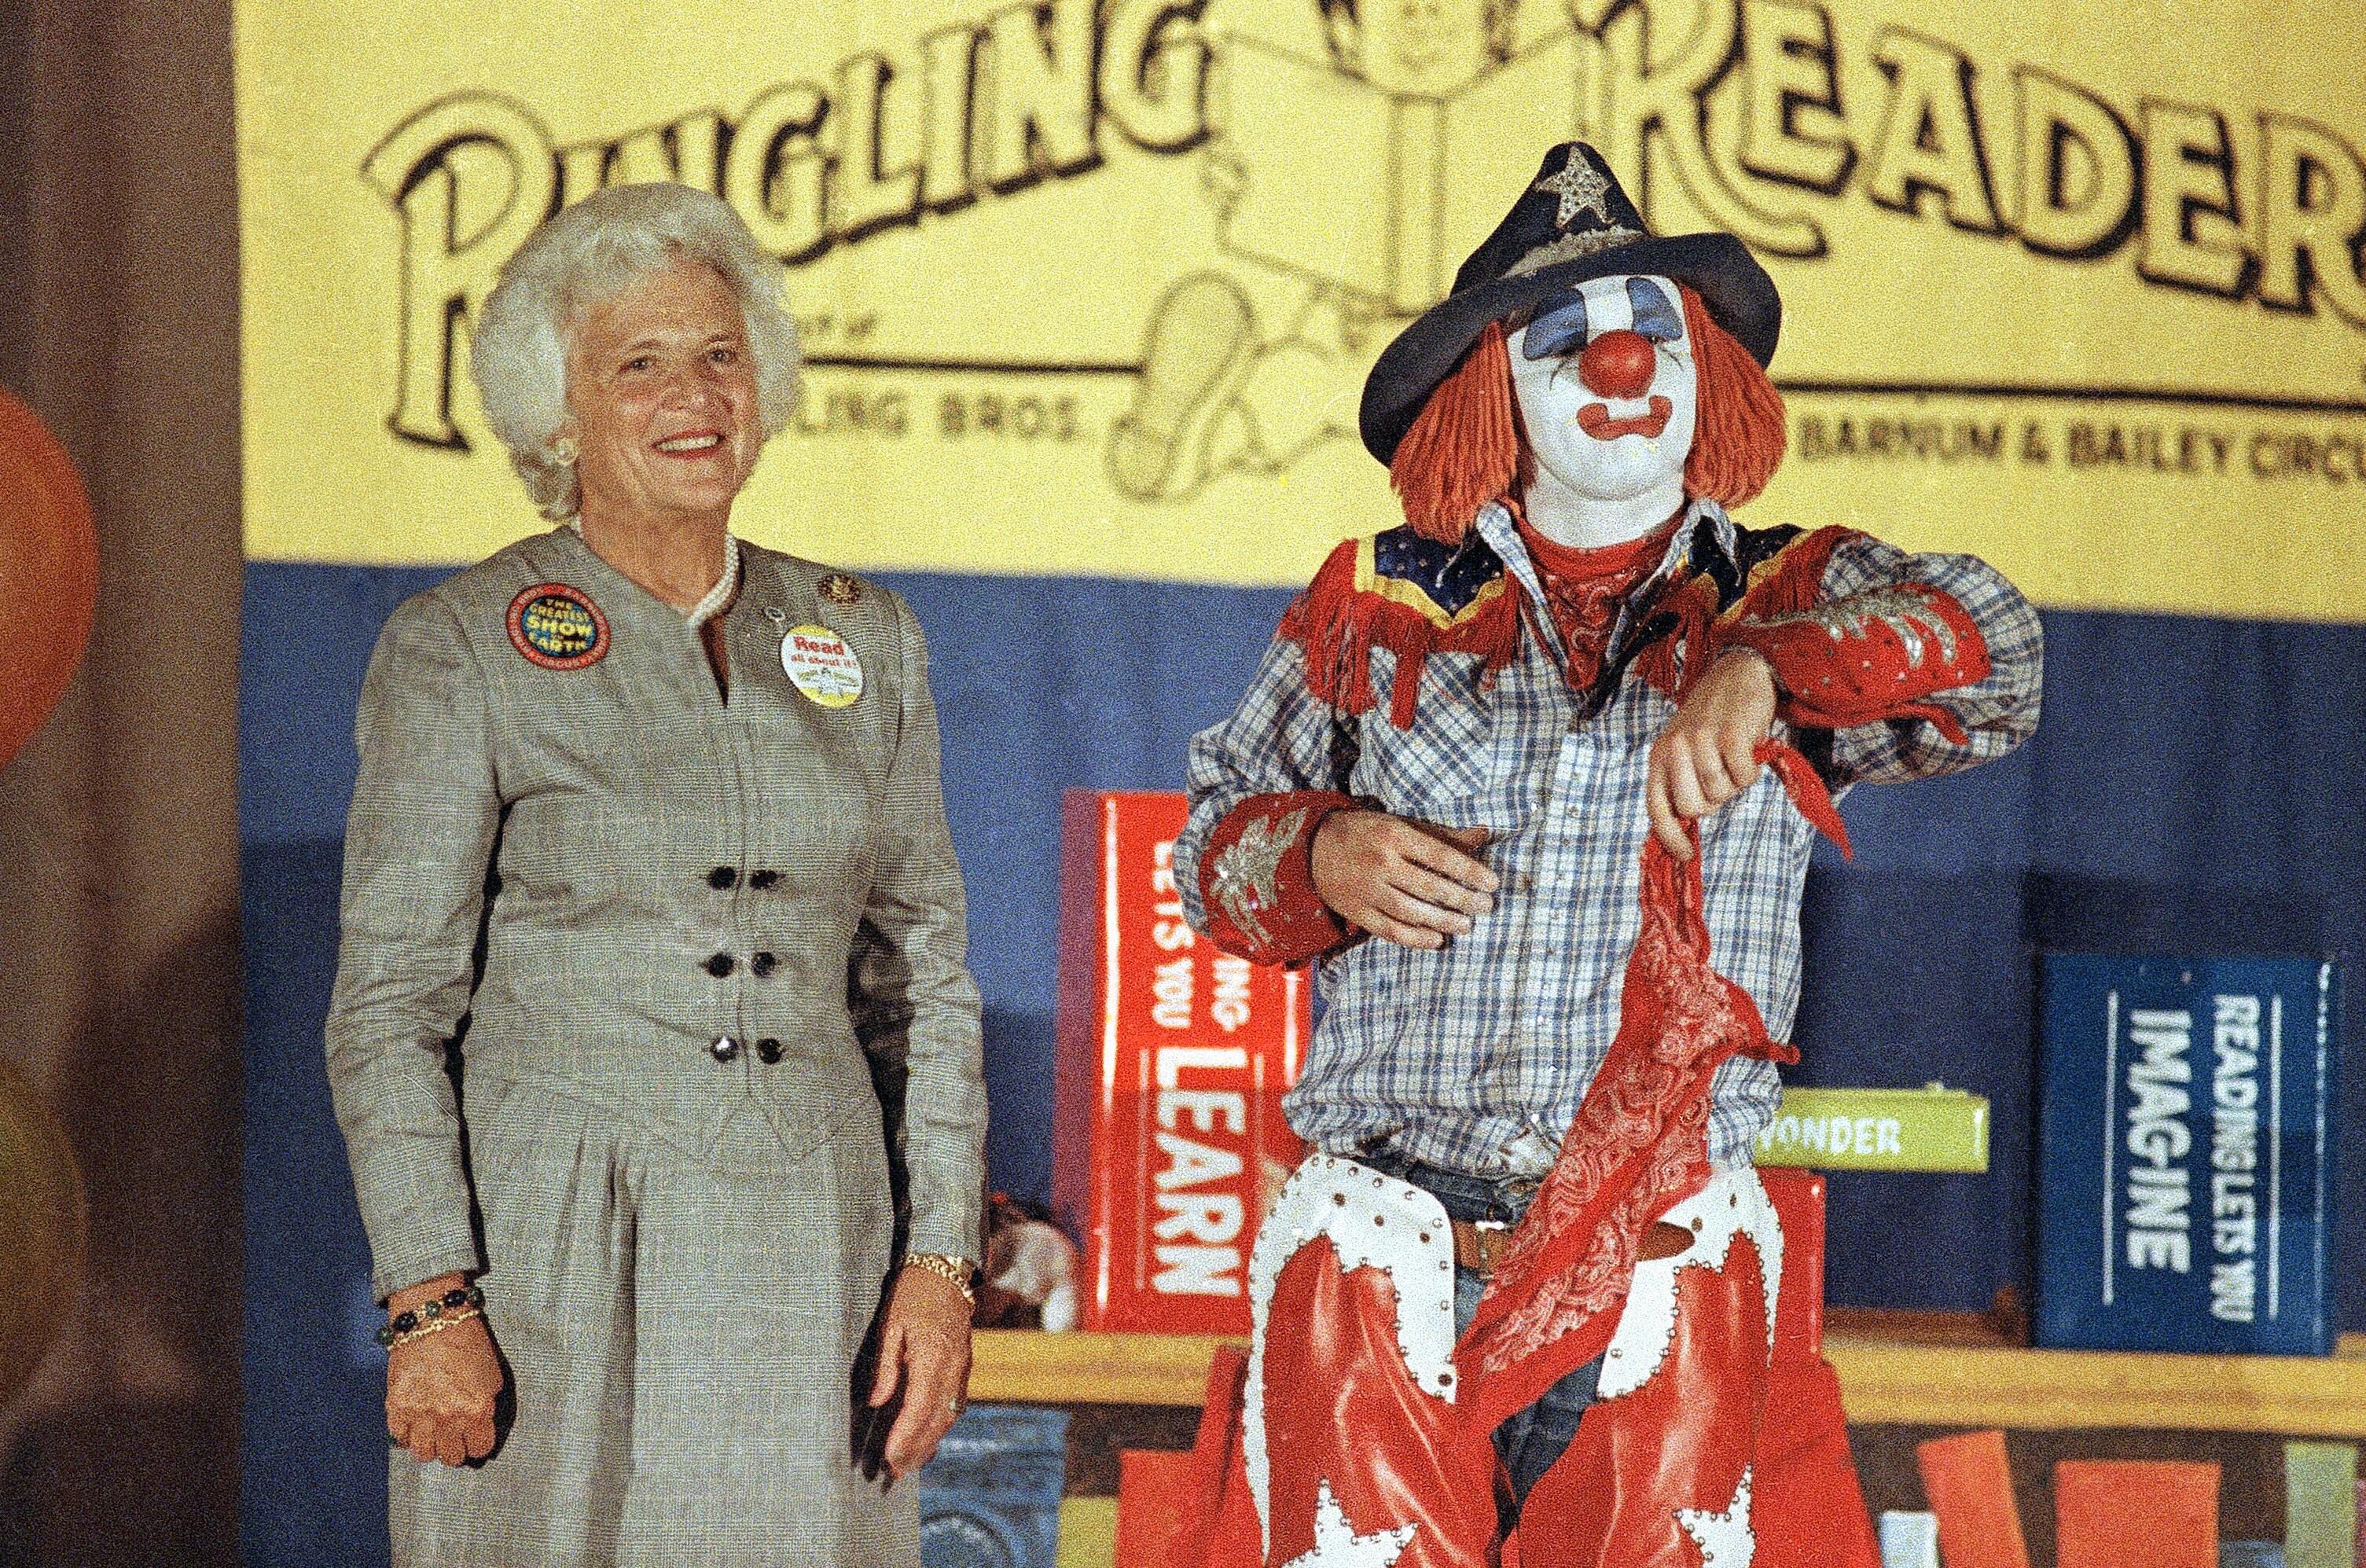 芭芭拉布什和马戏团小丑1986年9月